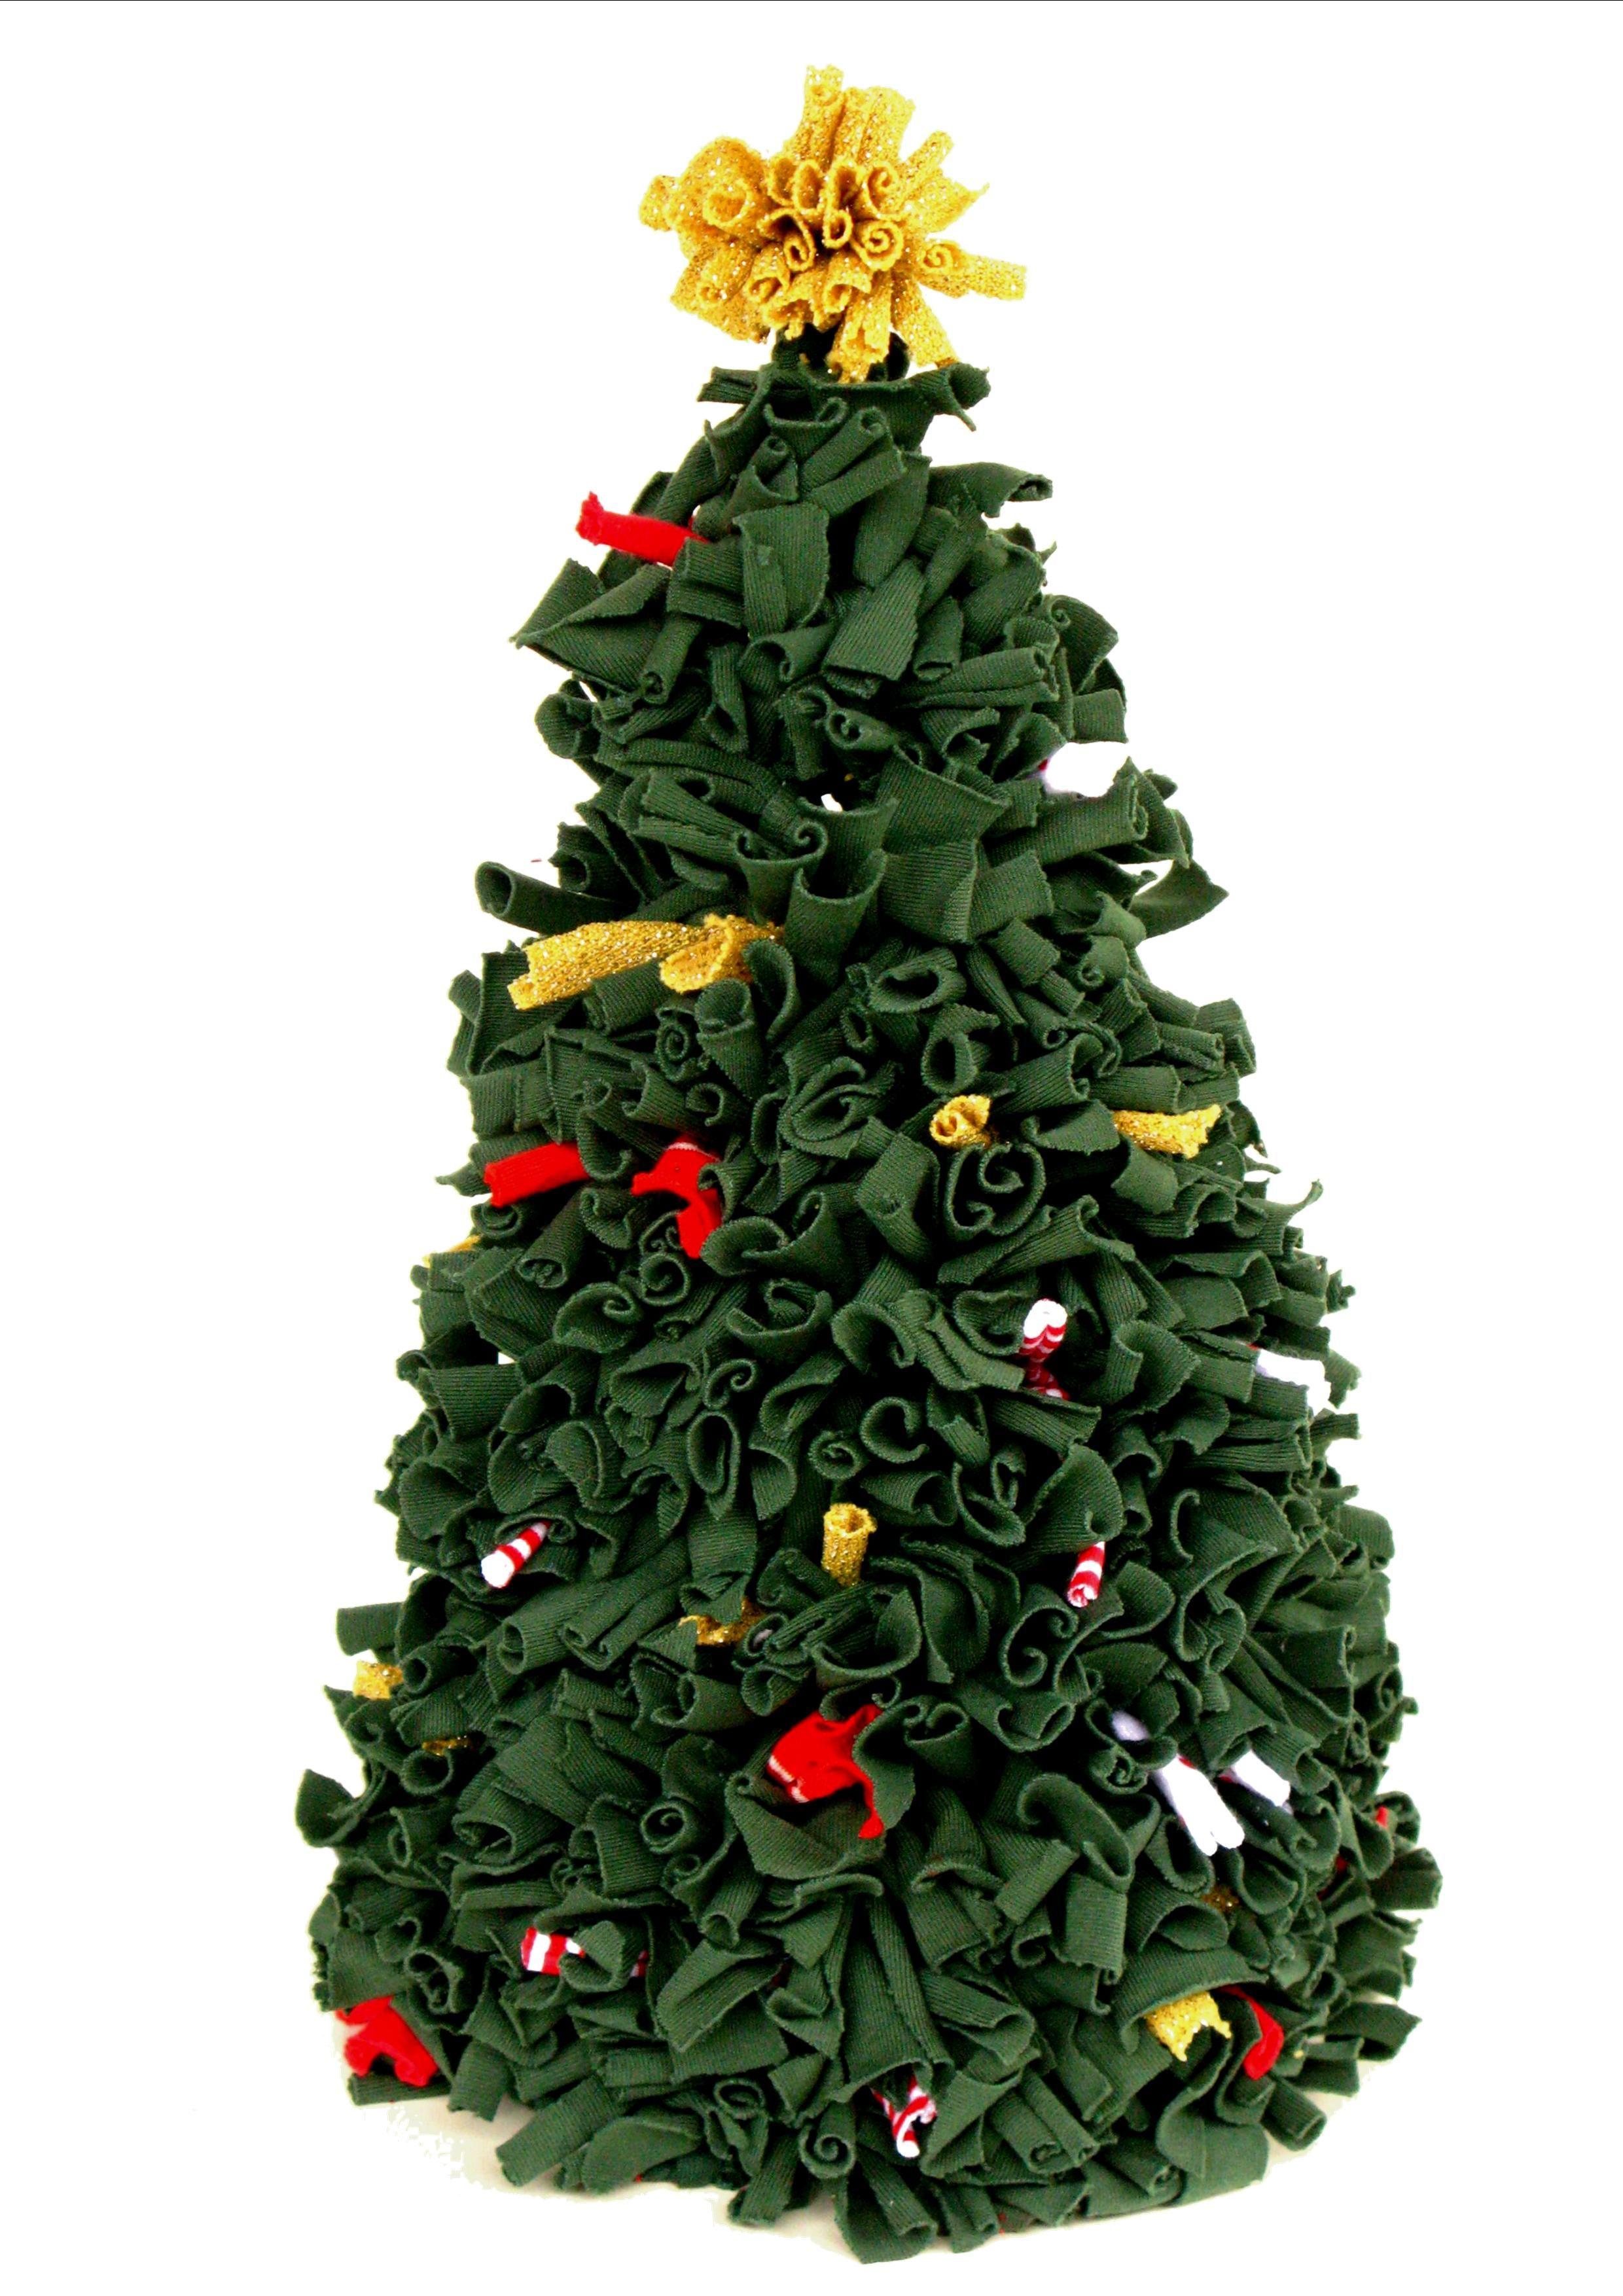 Árvore de Natal feita com reaproveitamento de tecidos usando a técnica Amarradinho.Produzido pela Reciclanto.